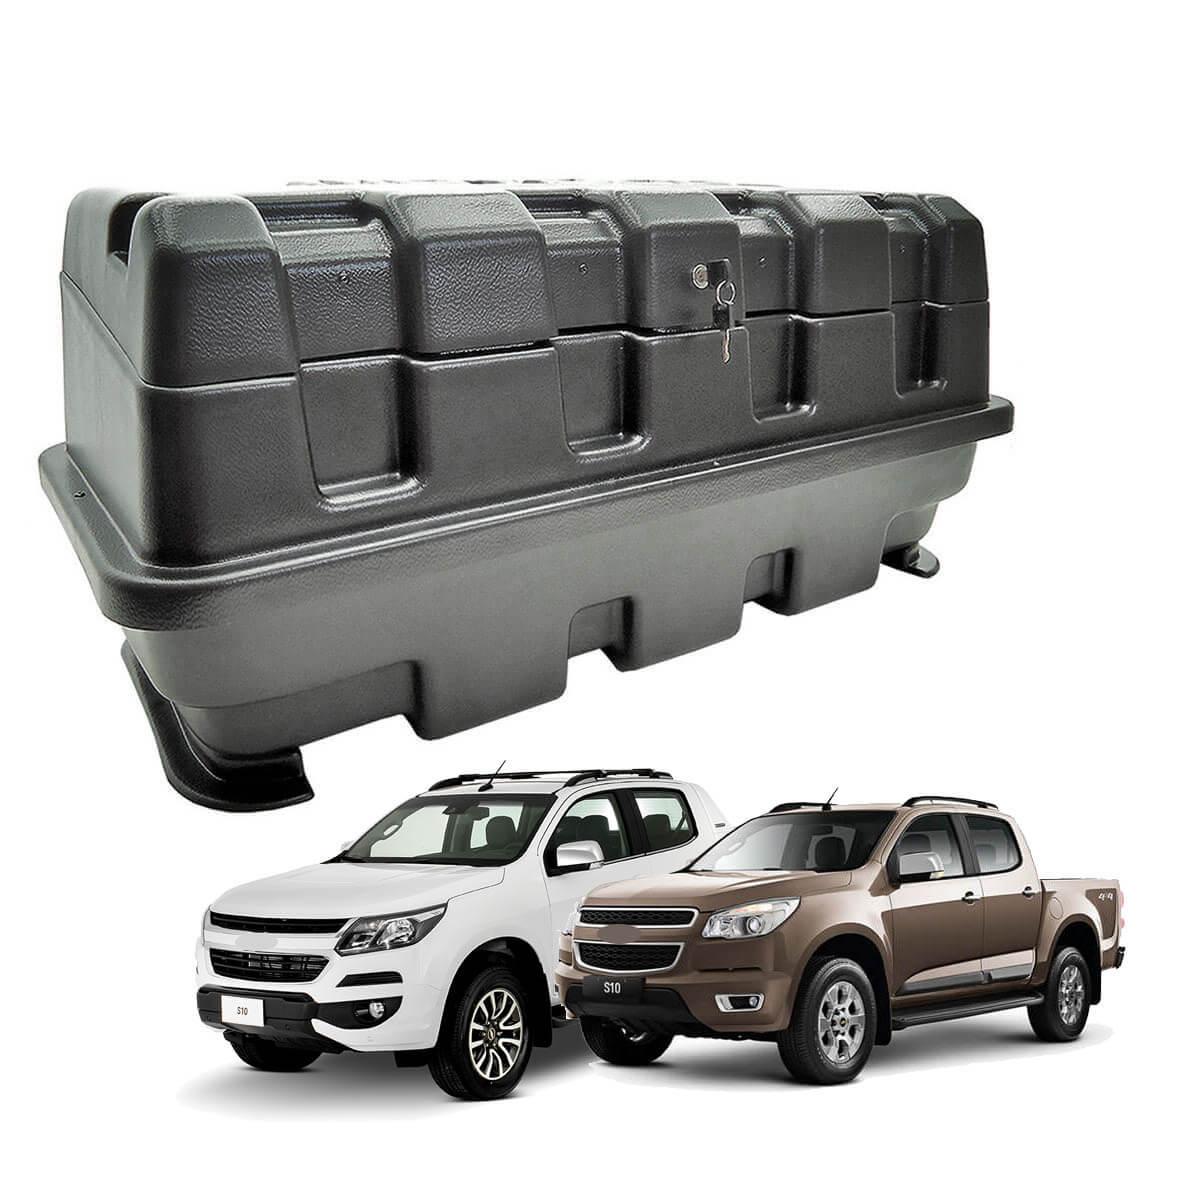 Caixa para caçamba Motobul 140 litros Nova S10 2012 a 2022